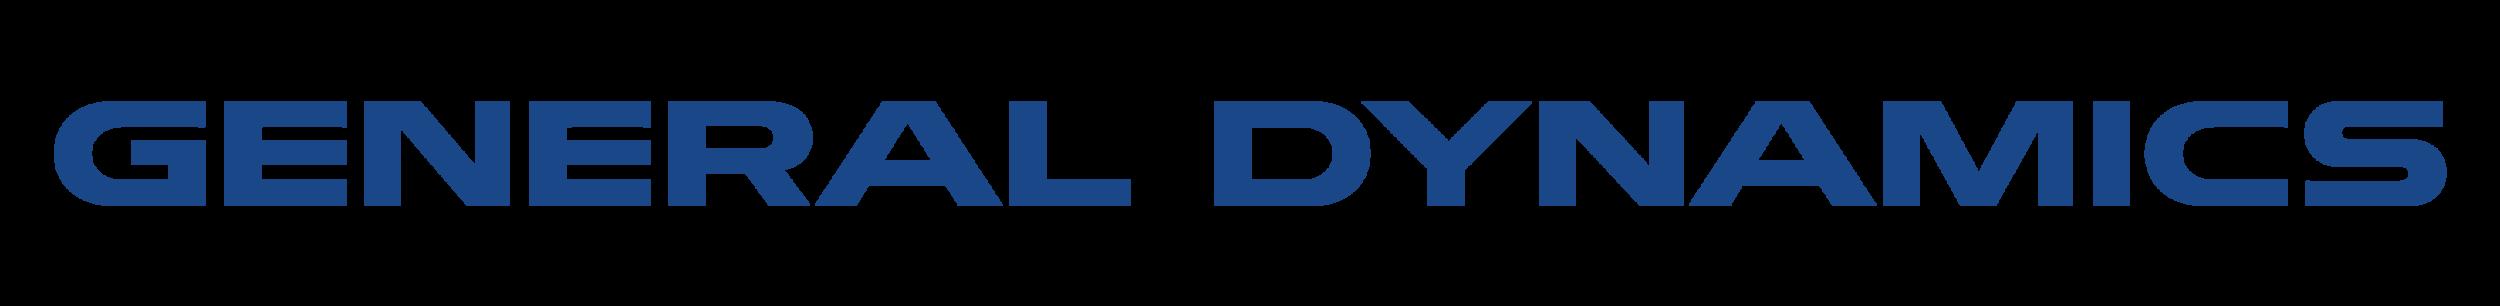 PNGPIX-COM-General-Dynamics-Logo-PNG-Transparent.png